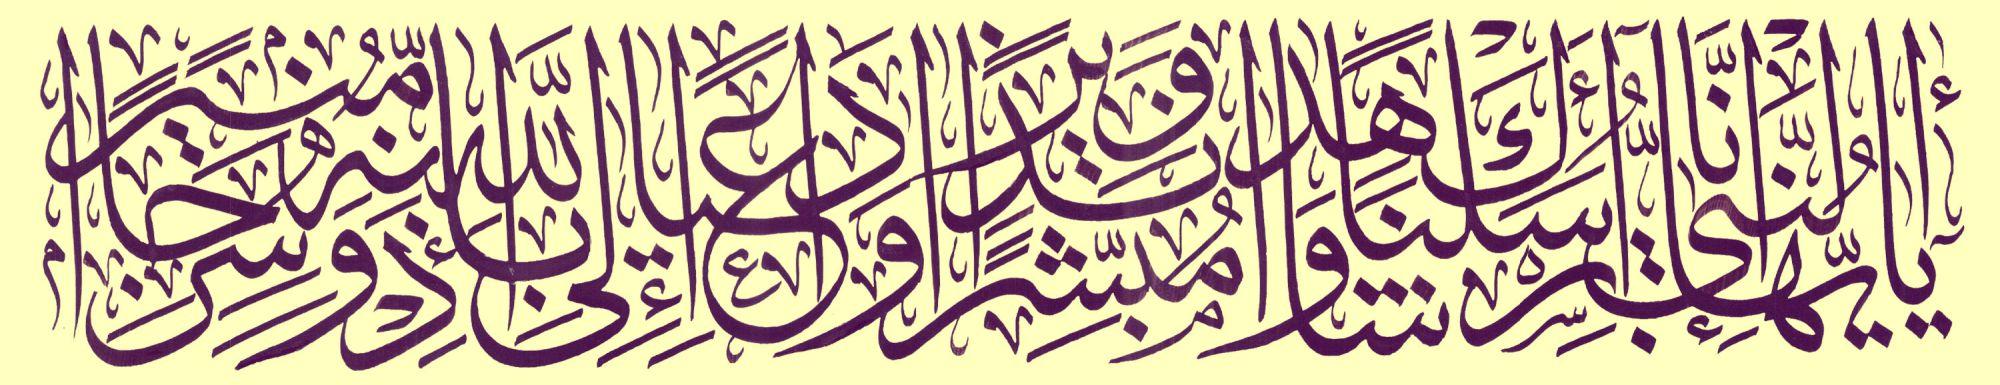 quran,quraan,manuscript,